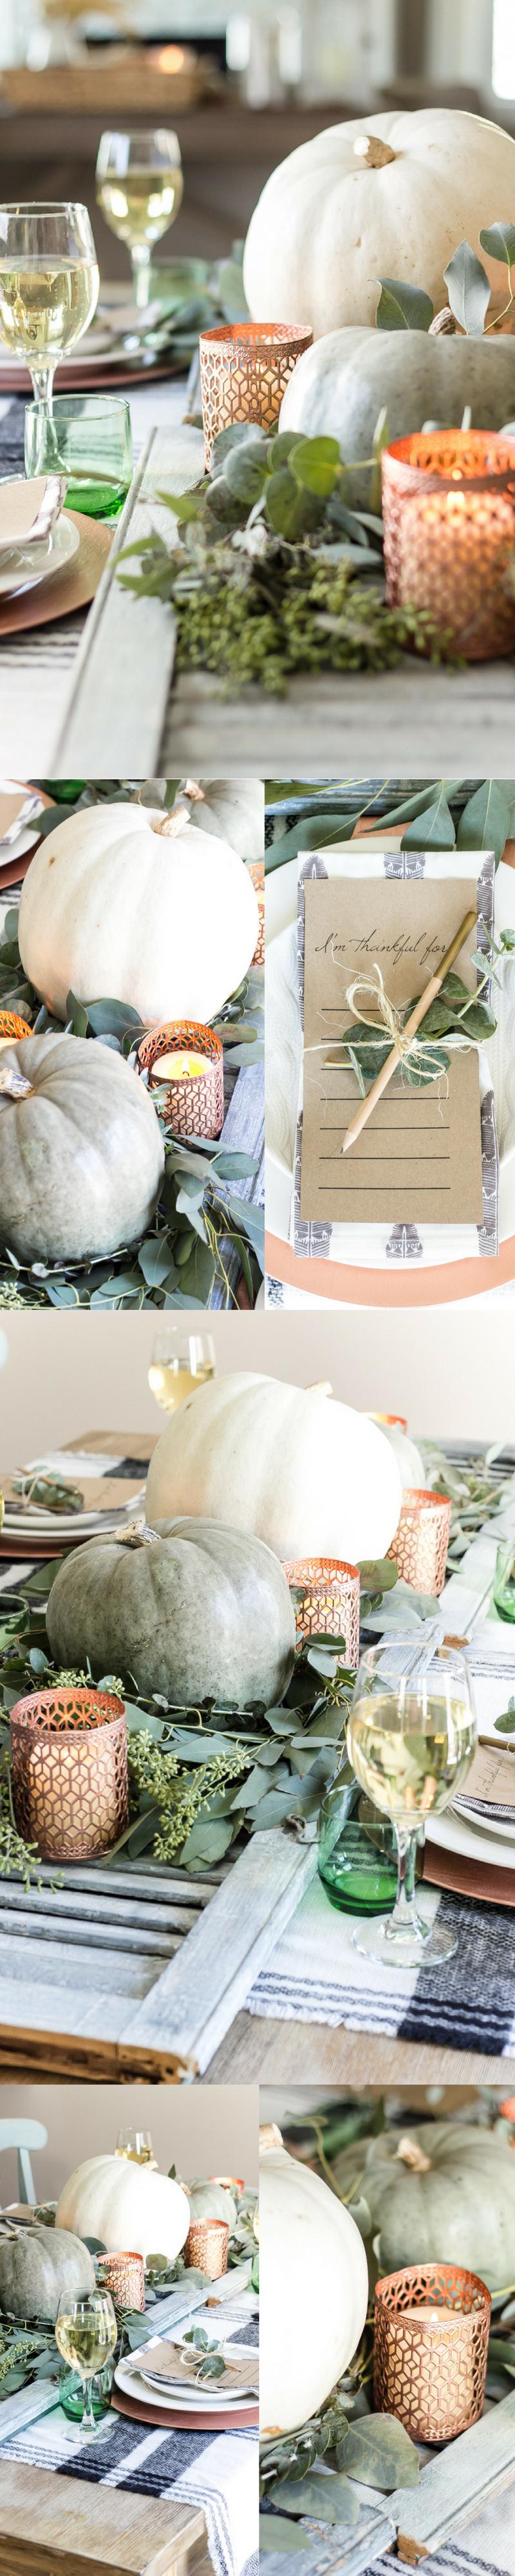 Herbstliche Tischideen und Ambiente: Dekorieren Sie den Tisch festlich